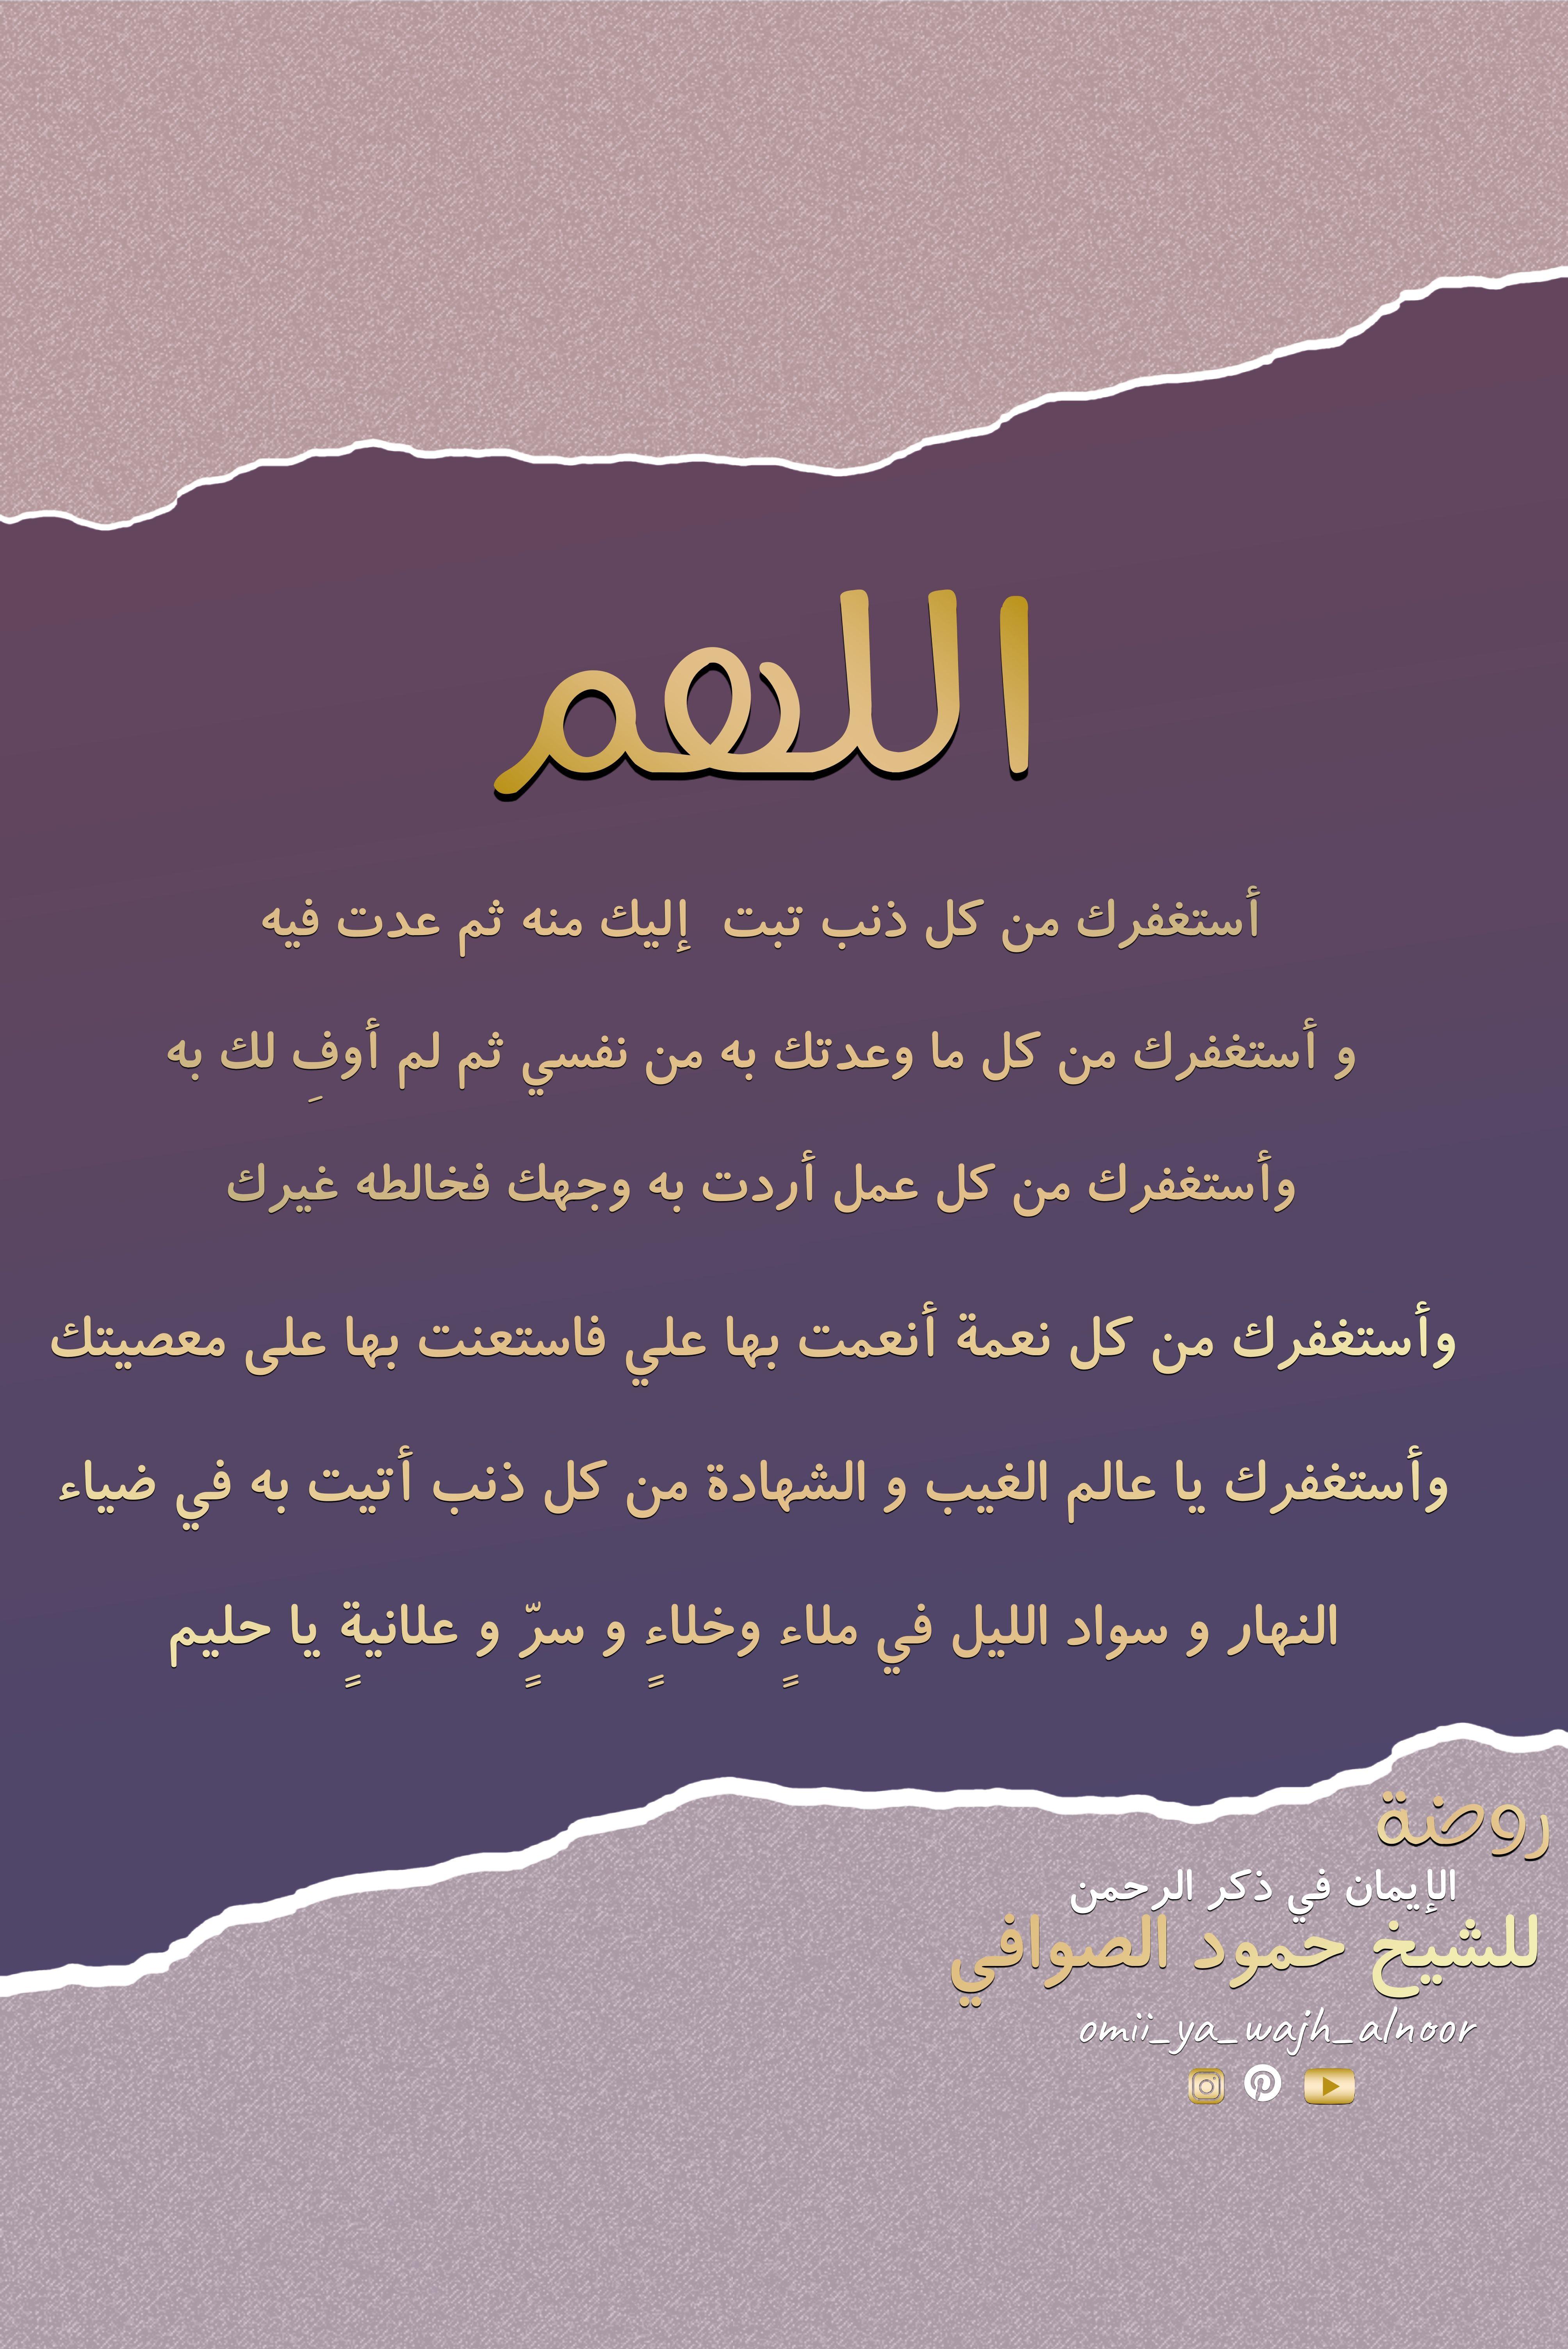 روضة الإيمان في ذكر الرحمن U 9 E 9 Personalized Items